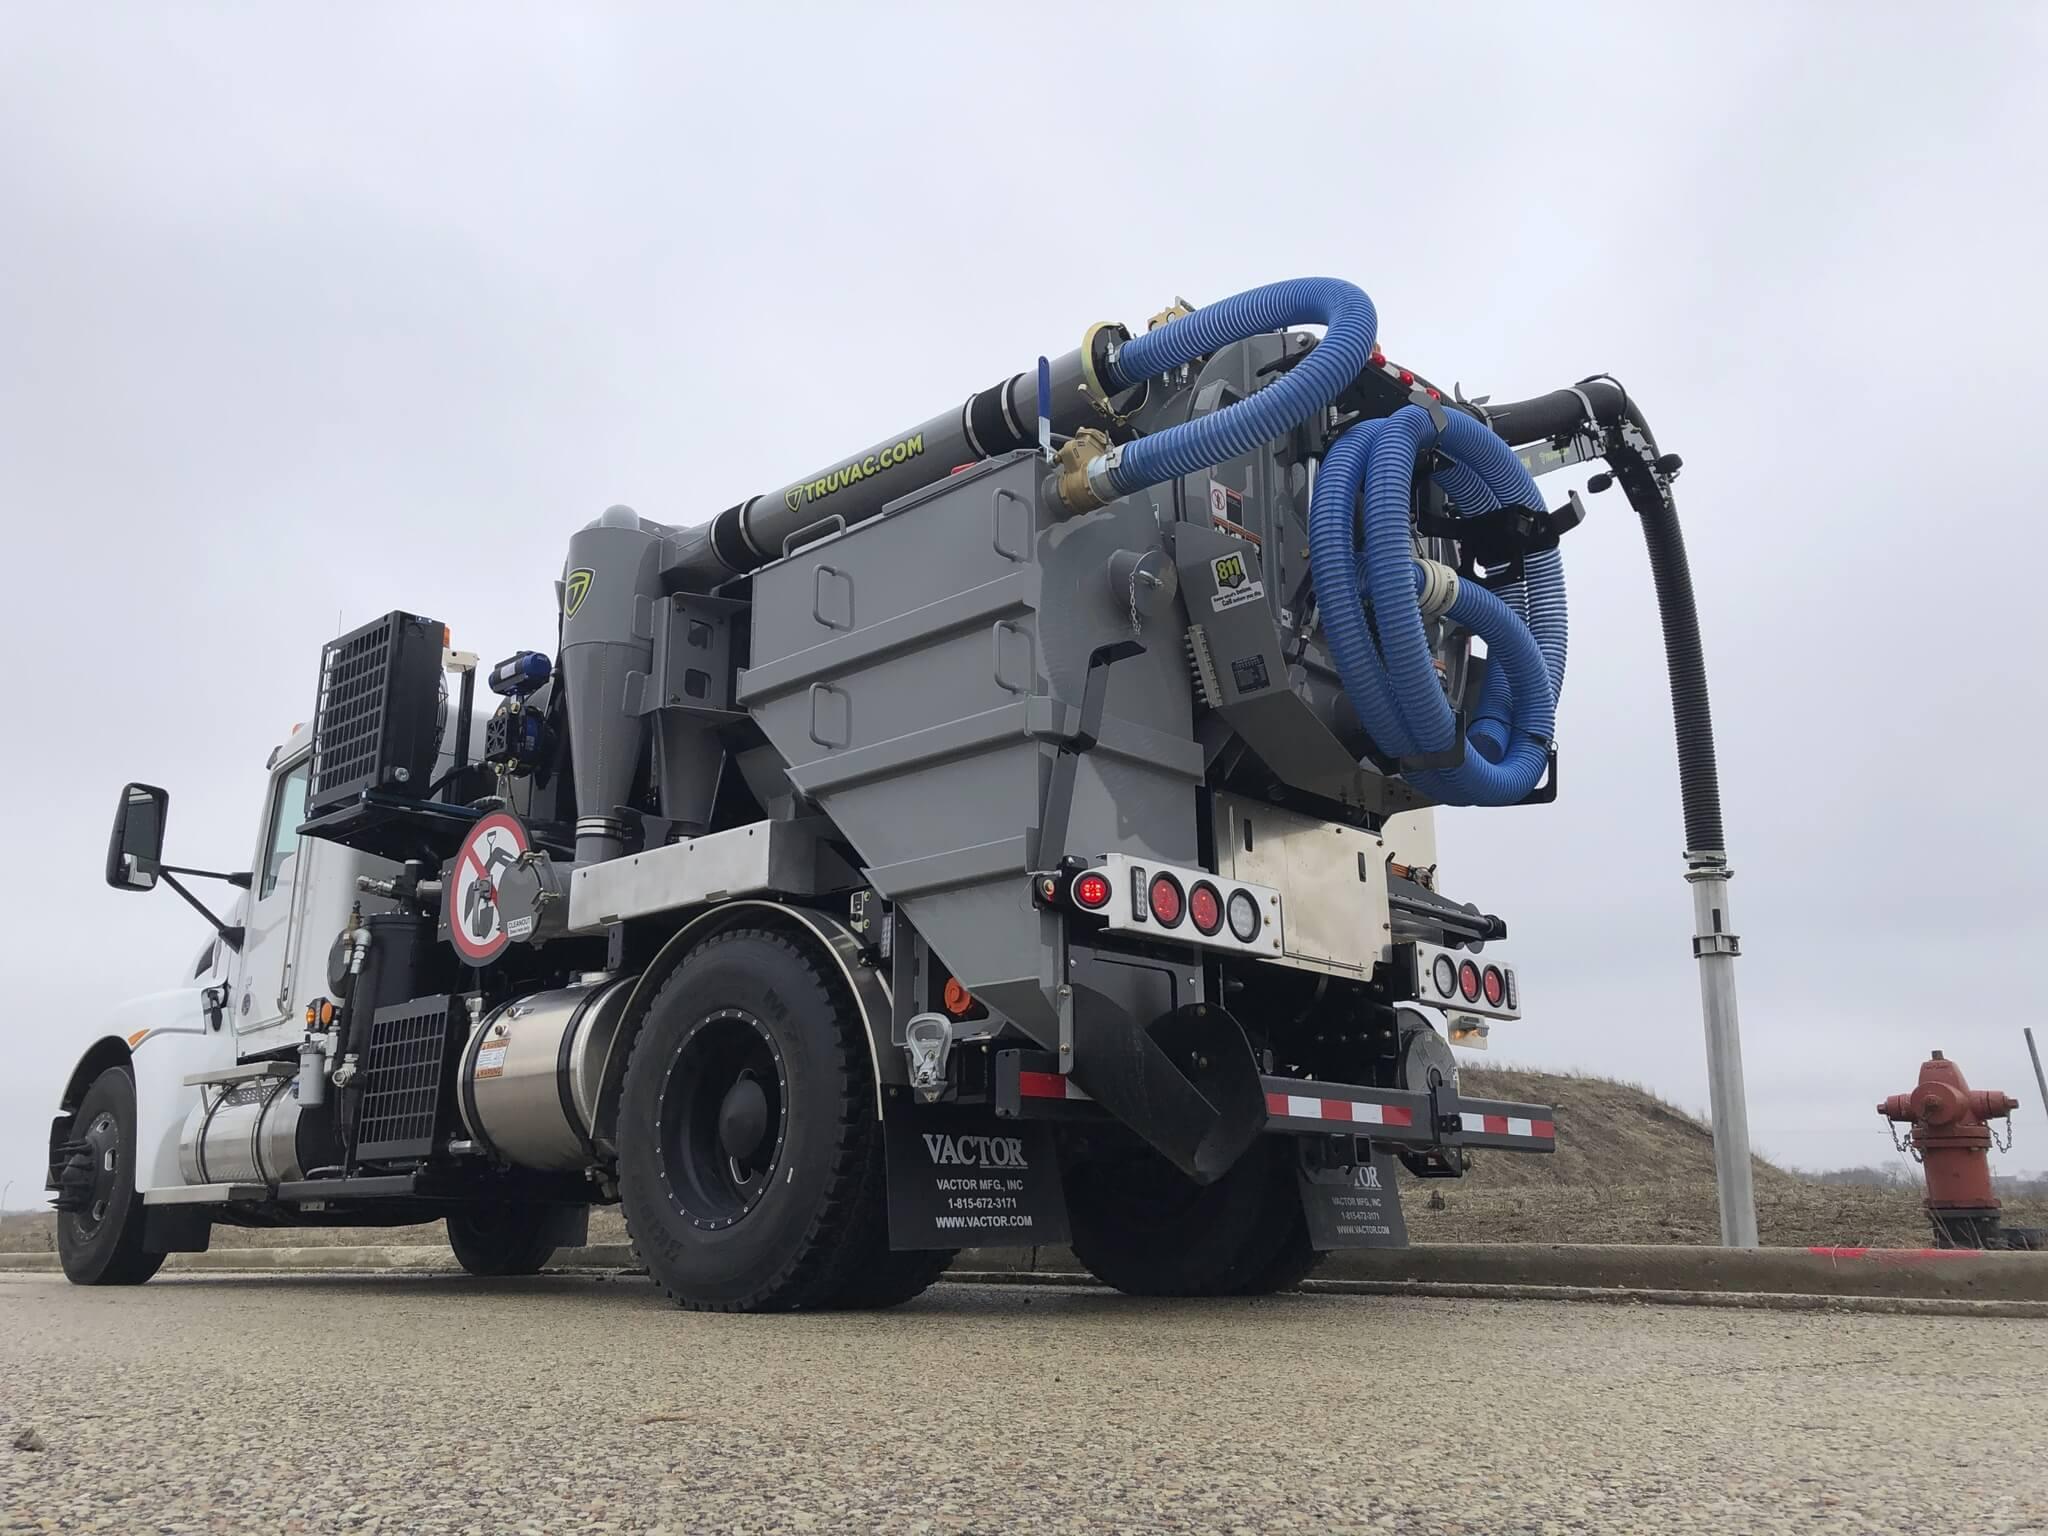 Vactor Paradigm Small Vacuum Excavator